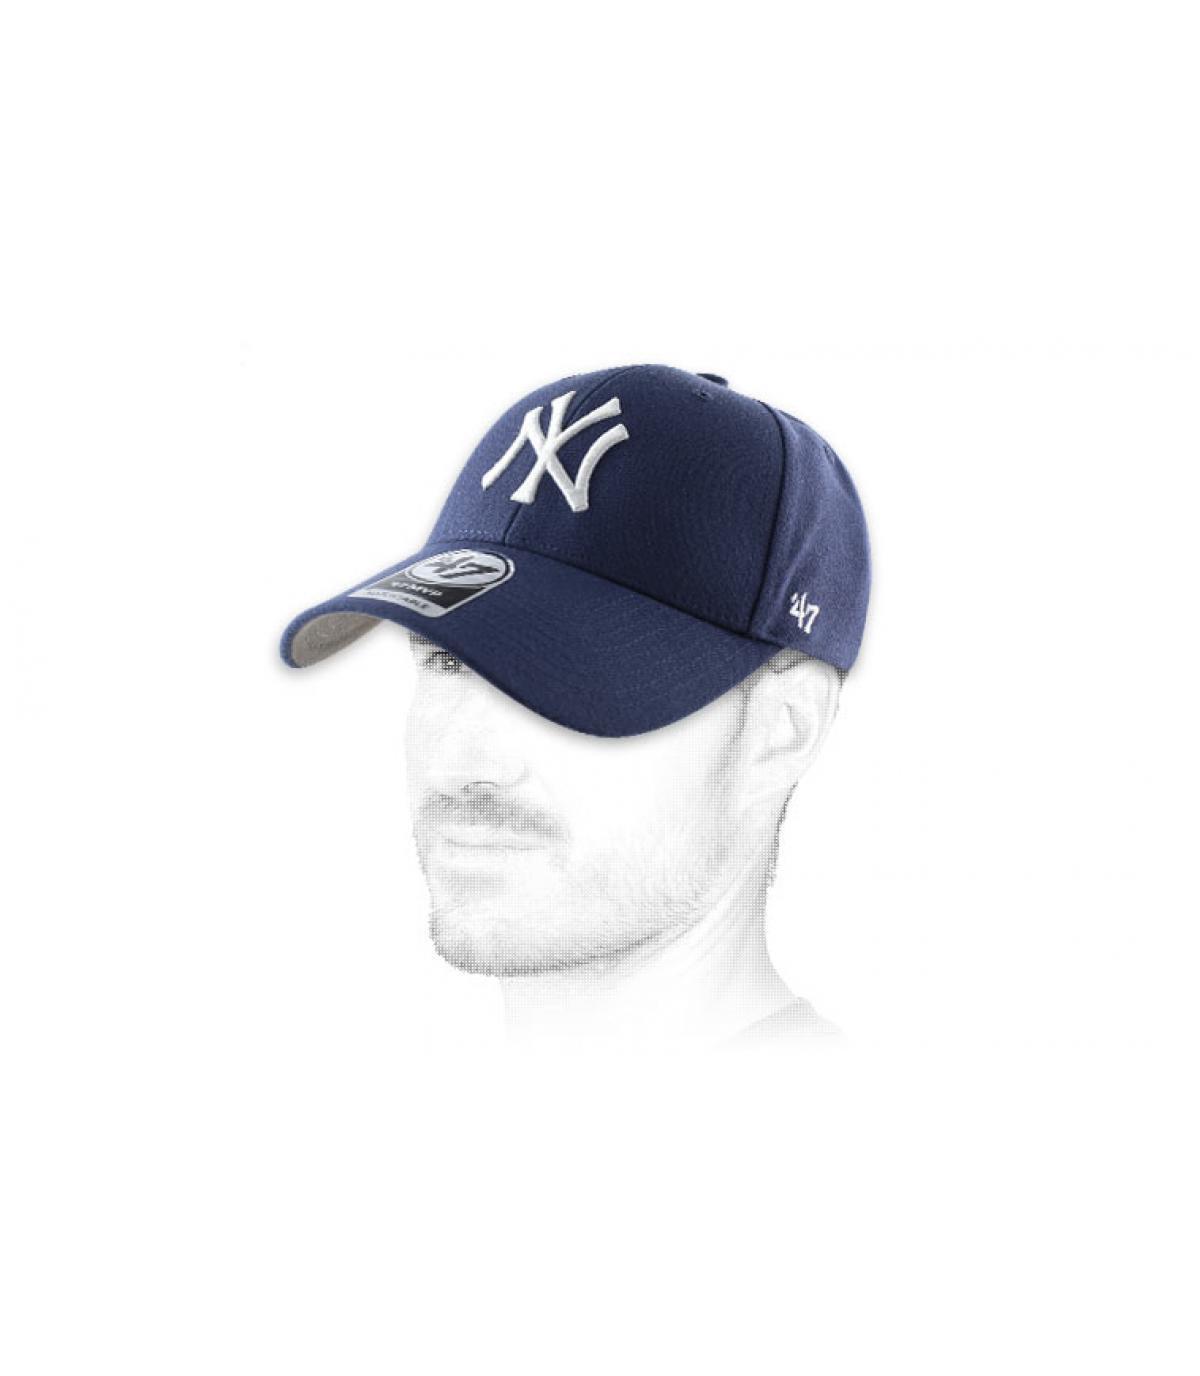 cotton cap curva utilizzata